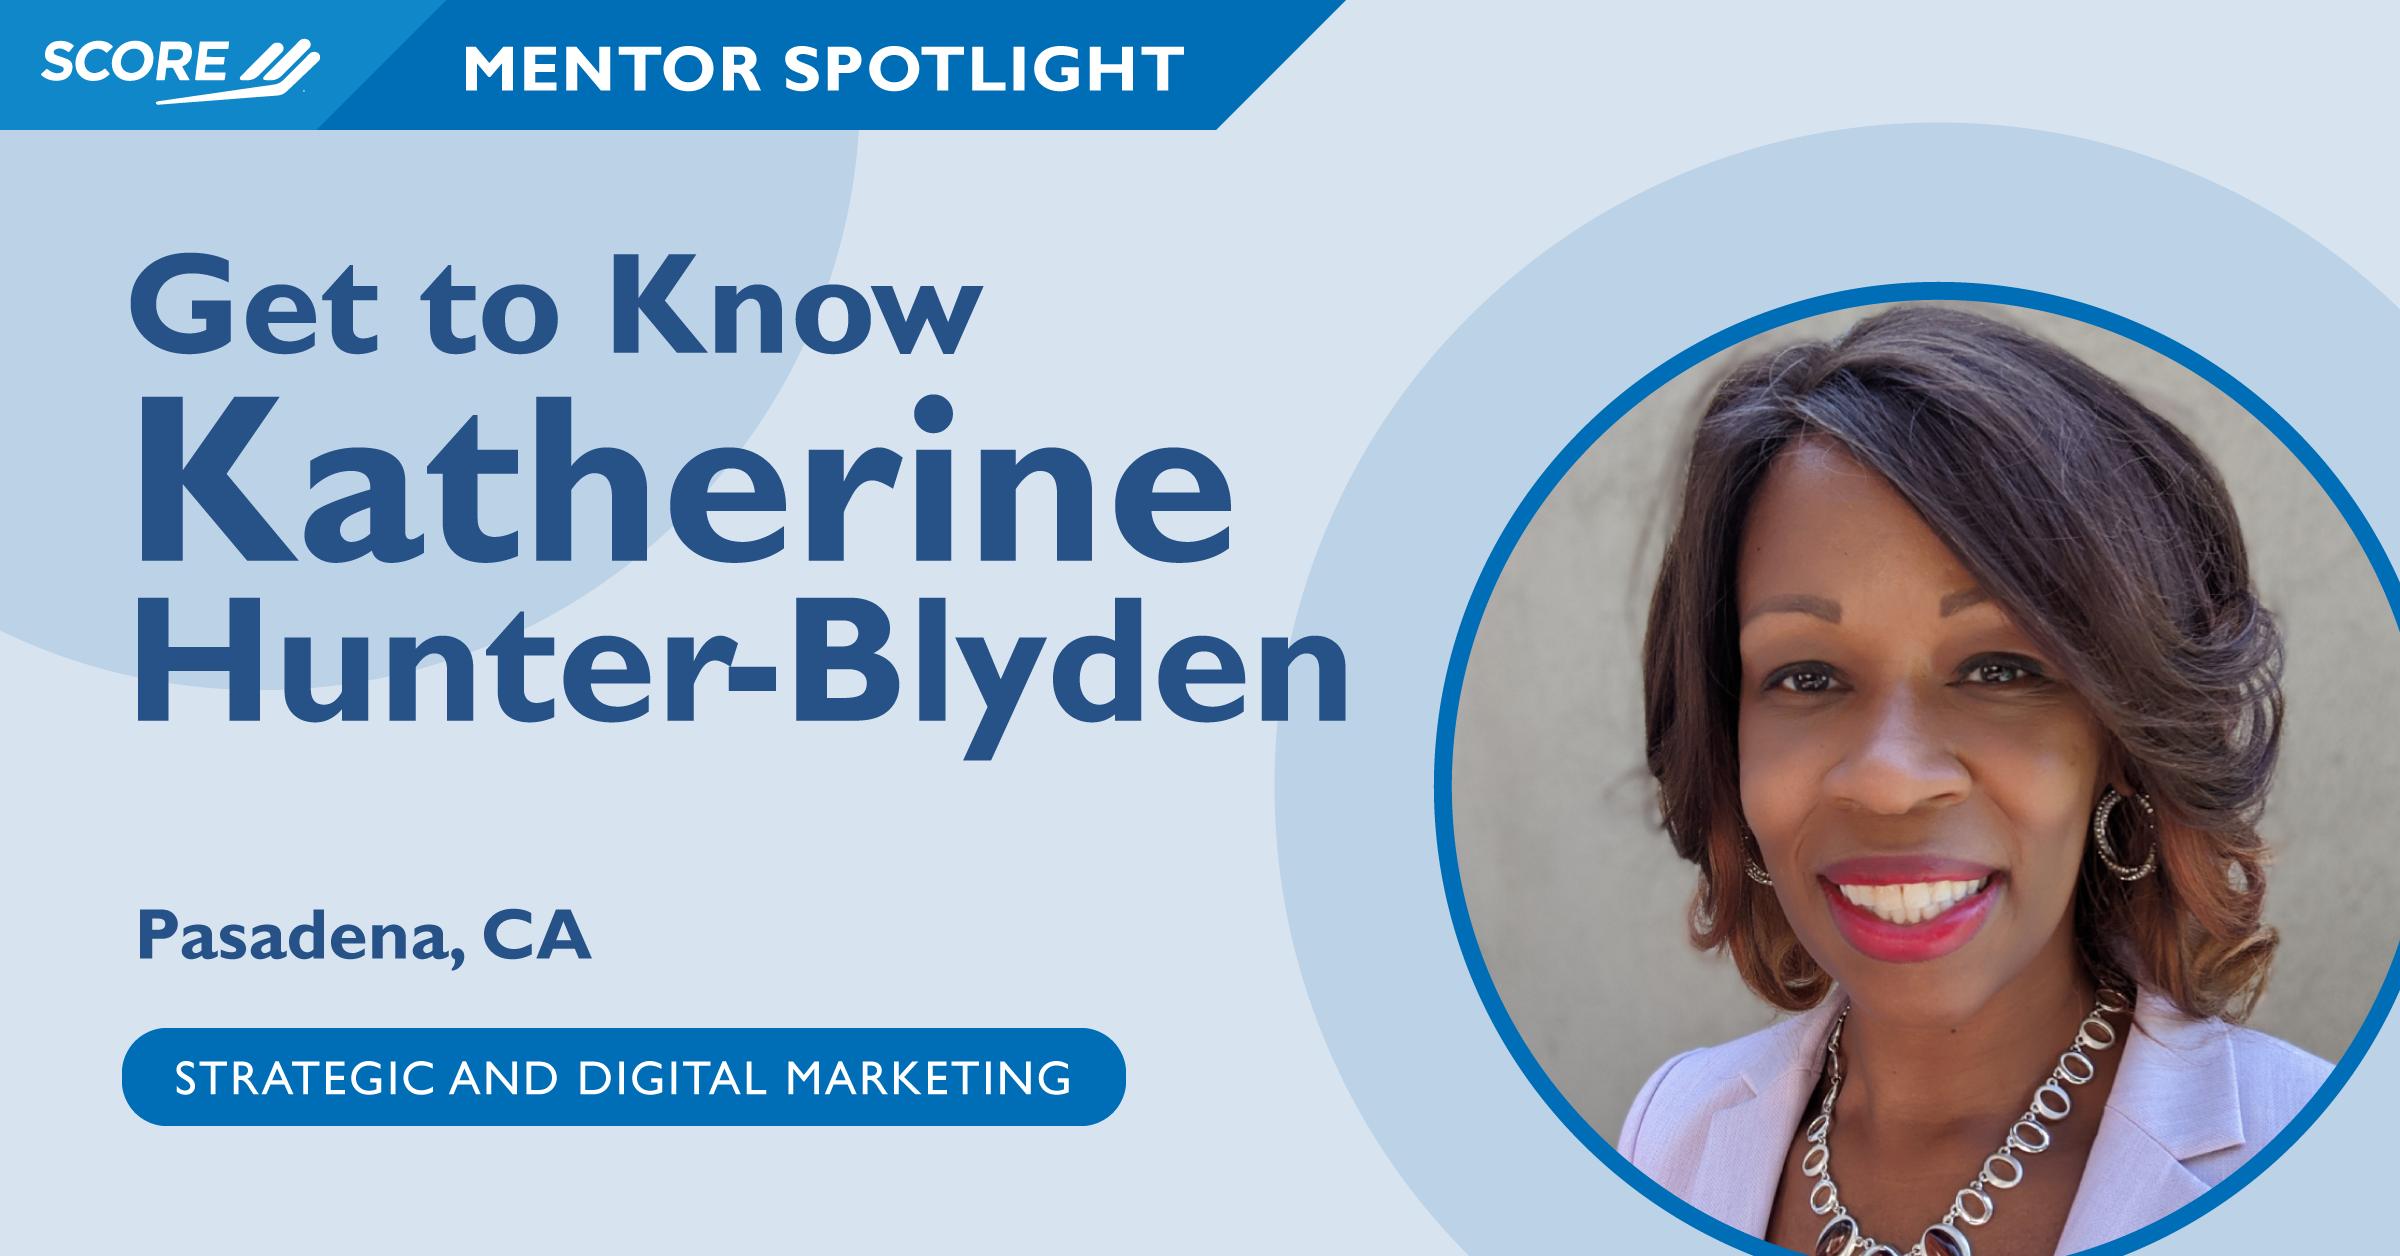 Mentor Spotlight - Katherine Hunter-Blyden